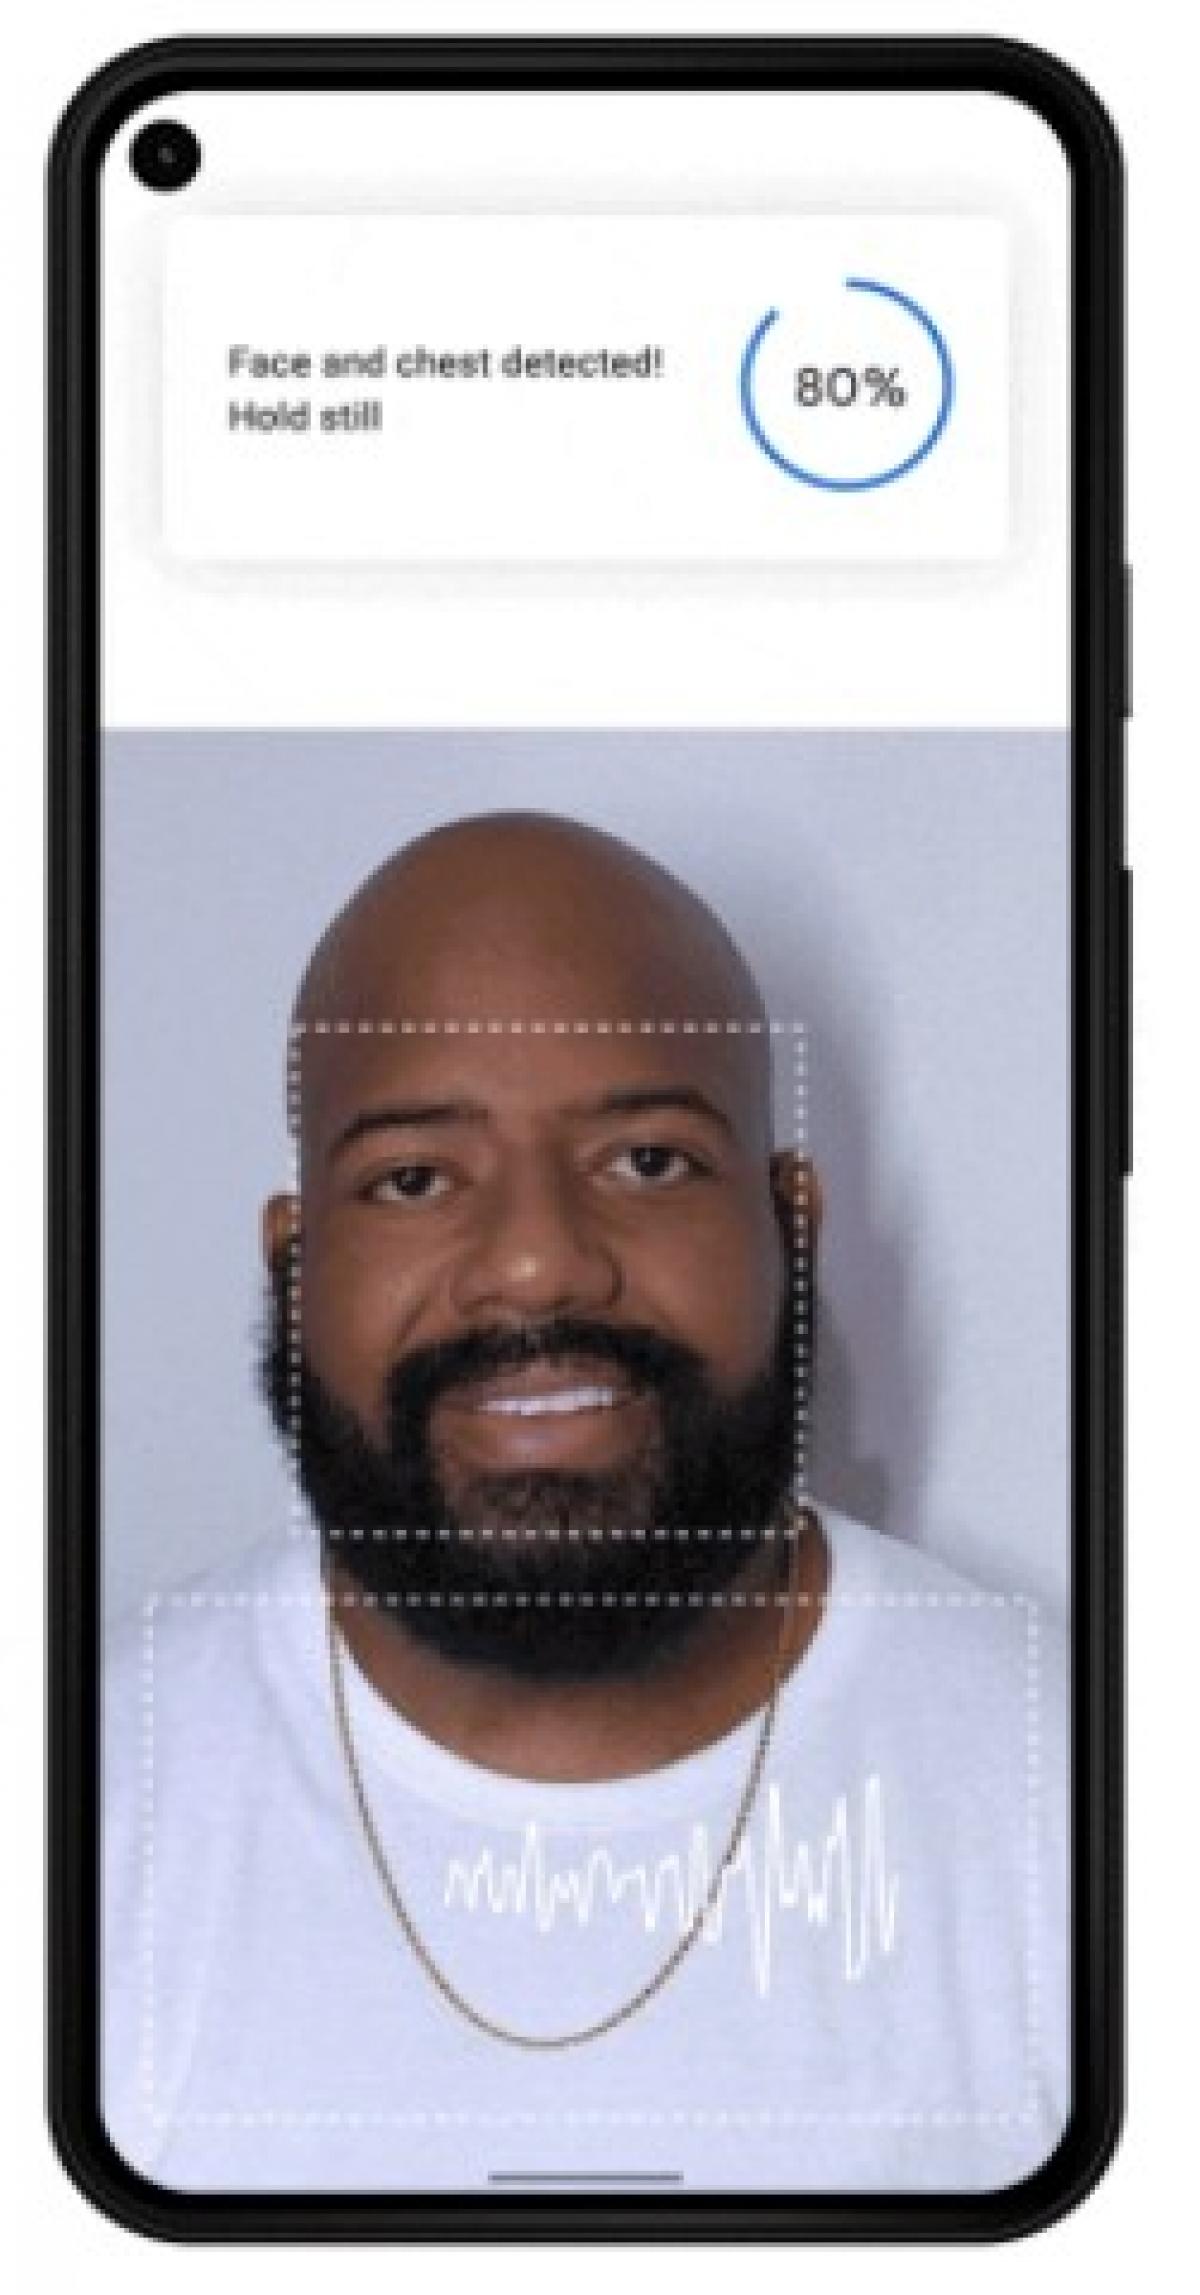 Công nghệ phát hiện nhịp thở và nhịp tim Google Fit được tích hợp trên điện thoại thông minh Pixel.